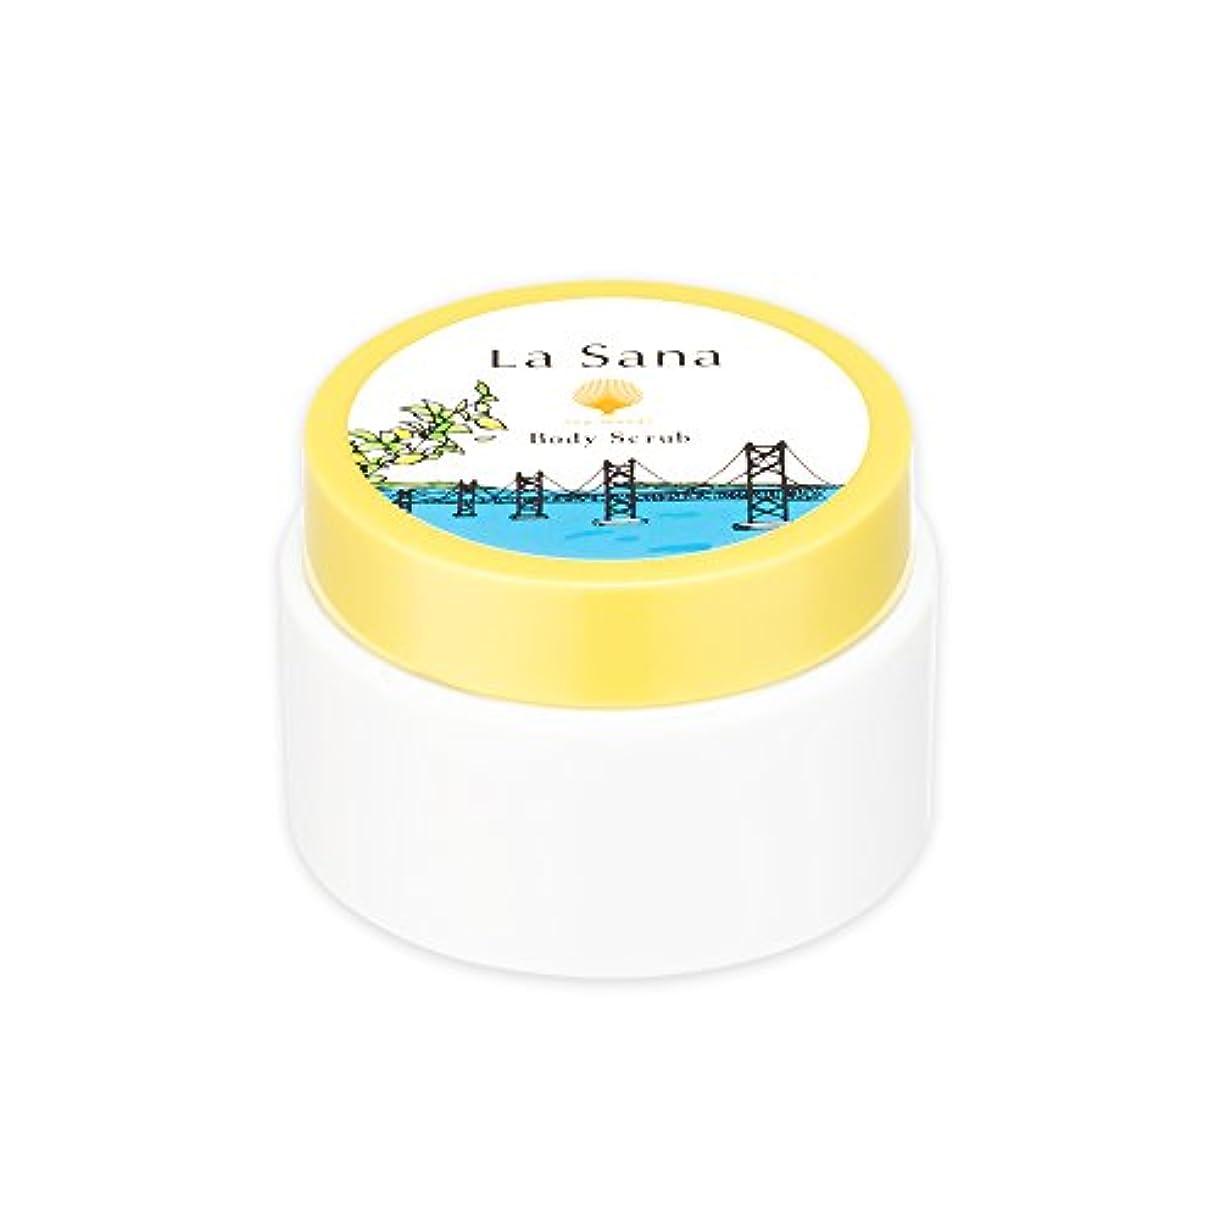 インレイ以下輝くラサーナ La sana 海藻 ボディ スクラブ 100g 限定 瀬戸内レモンの香り ボディケア 日本製 (約1ヵ月分)